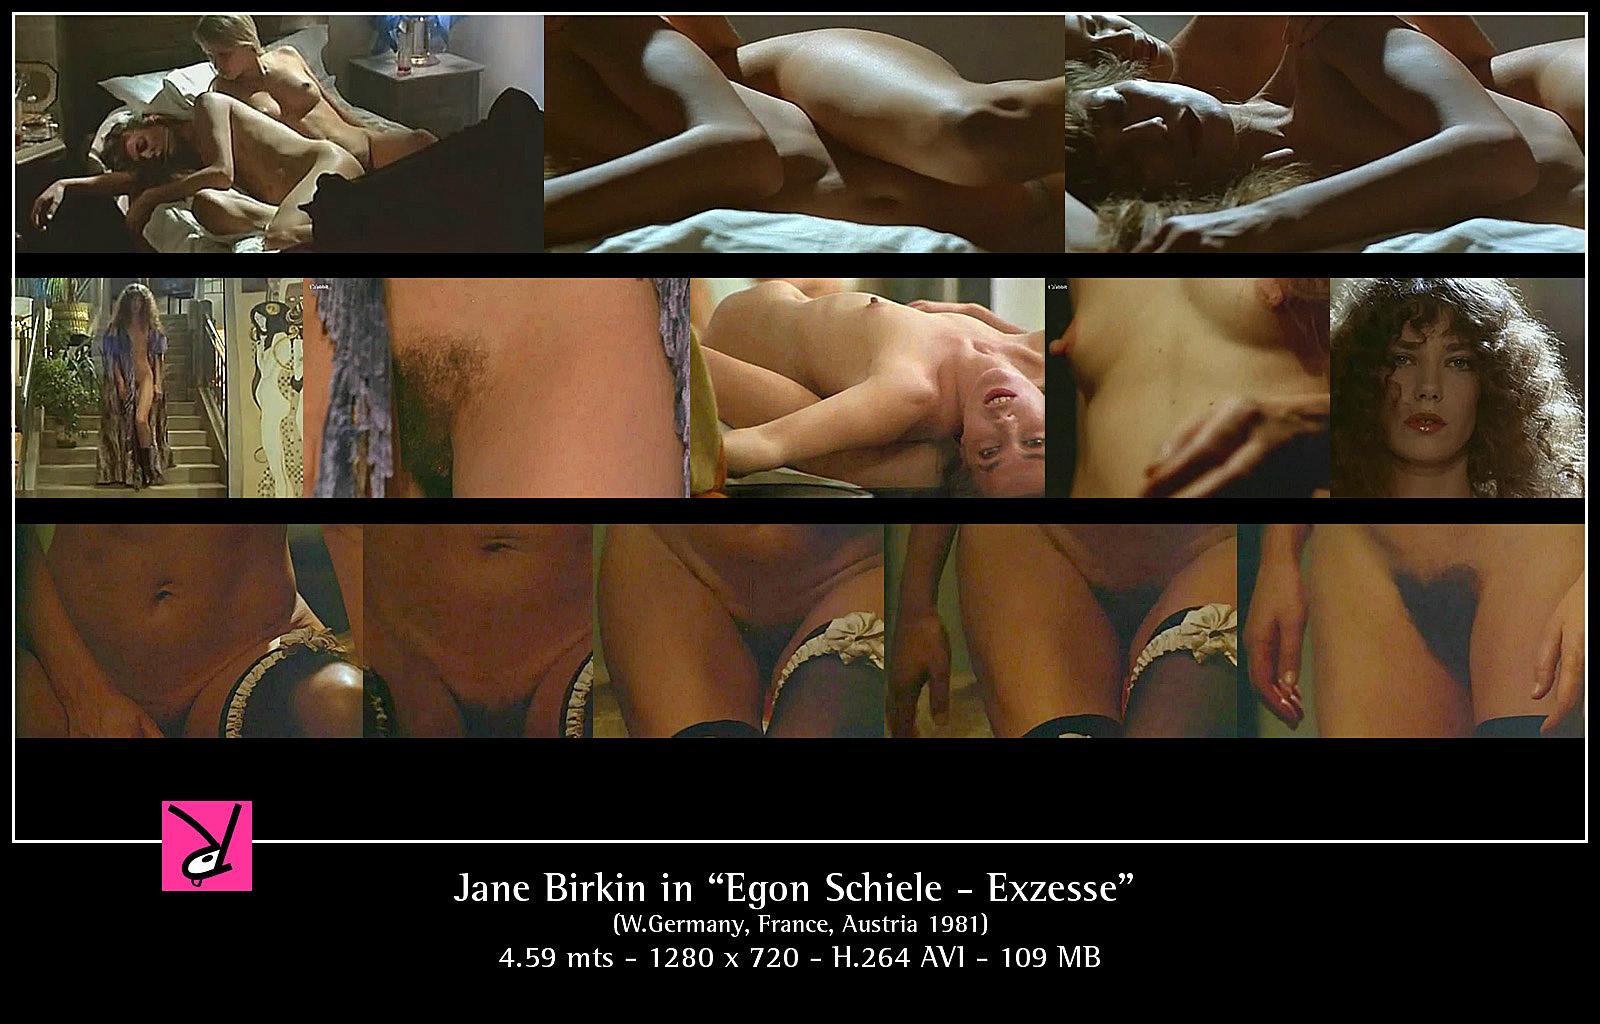 http://2.bp.blogspot.com/_kVkXiB62Nj0/TO8RrTY66DI/AAAAAAAAADw/nreGO2blkLc/s1600/Jane+Birkin+-+Egon+Shieile.jpg